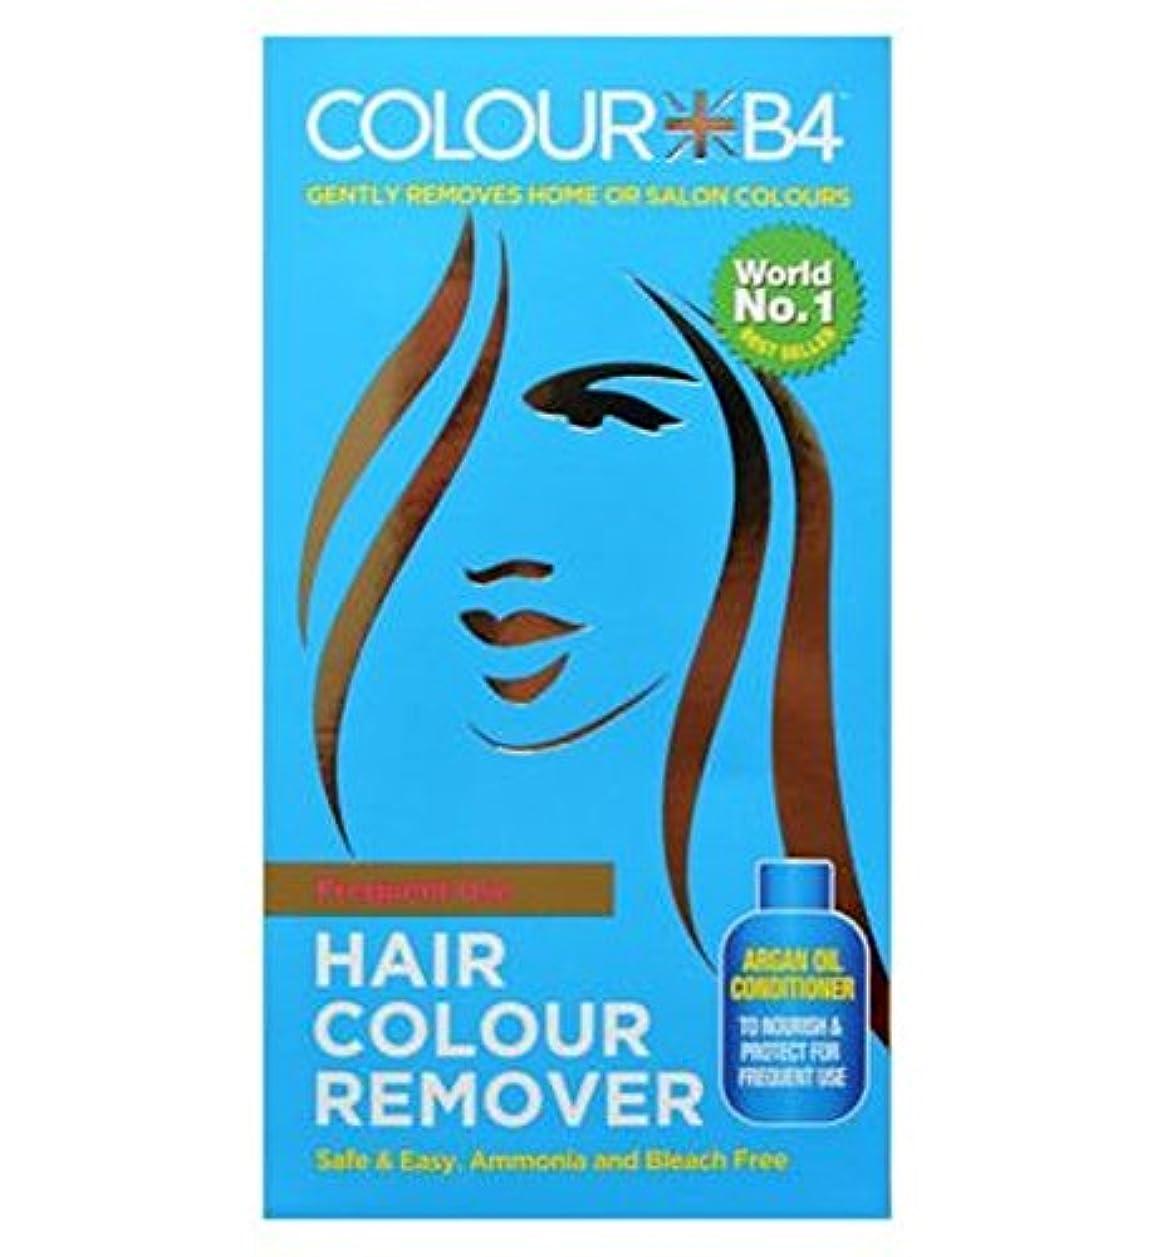 同級生比率寓話カラーB4ヘアカラーリムーバーは、頻繁に使用するためにコンディショナーを含み (ColourB4) (x2) - Colour B4 Hair Colour Remover Includes Conditioner for...